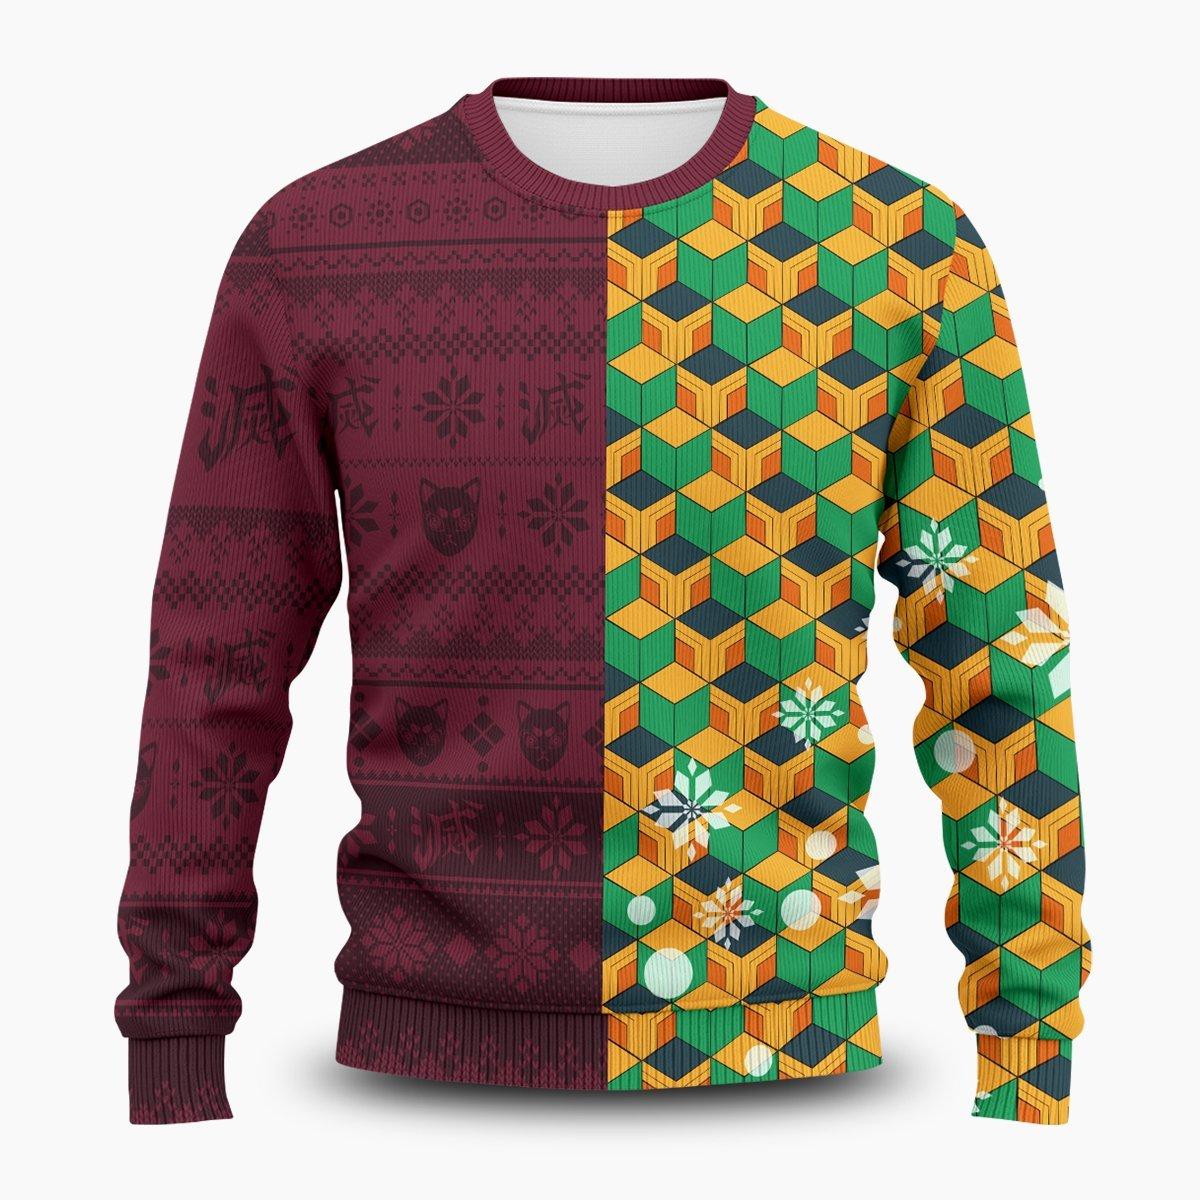 Giyu Christmas Unisex Wool Sweater FDM0310 S Official Otaku Treat Merch